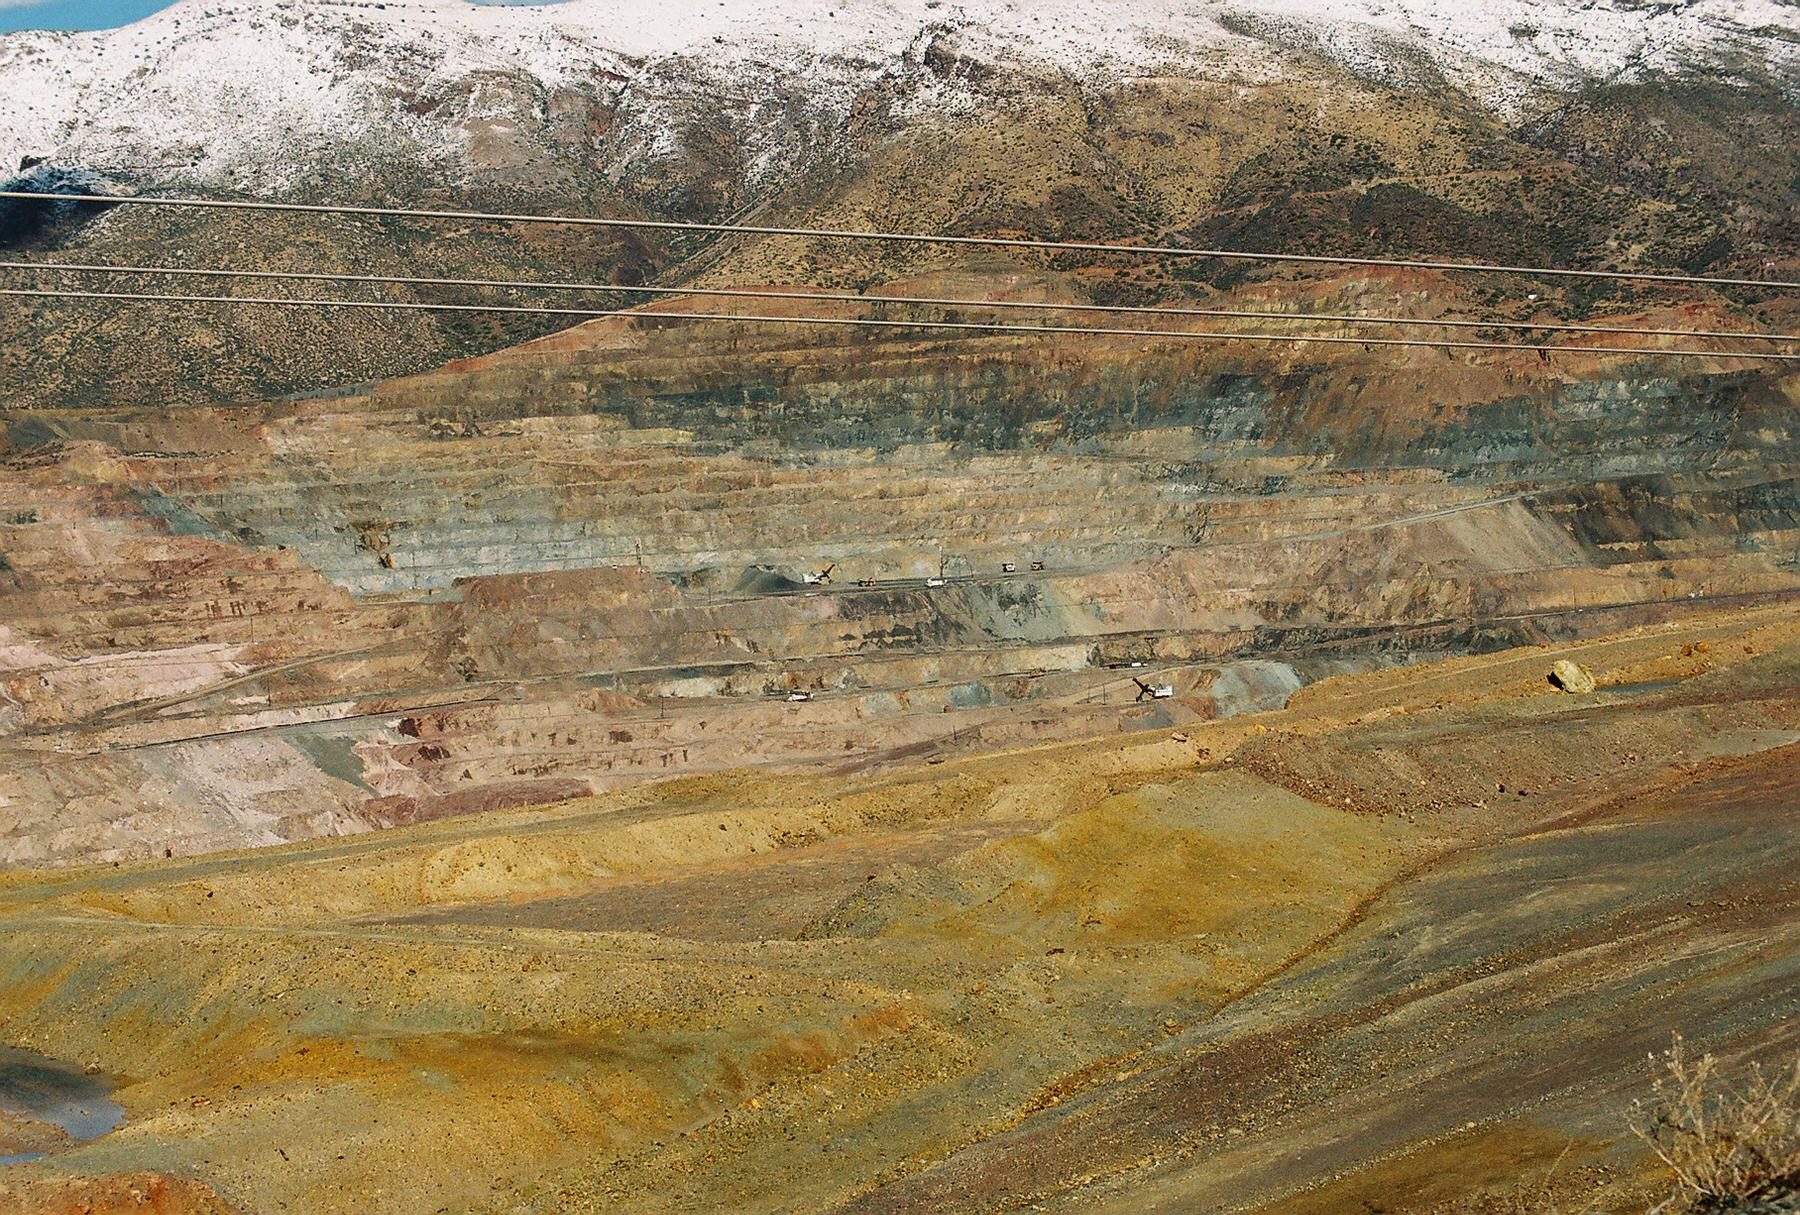 Colorful copper mine photo